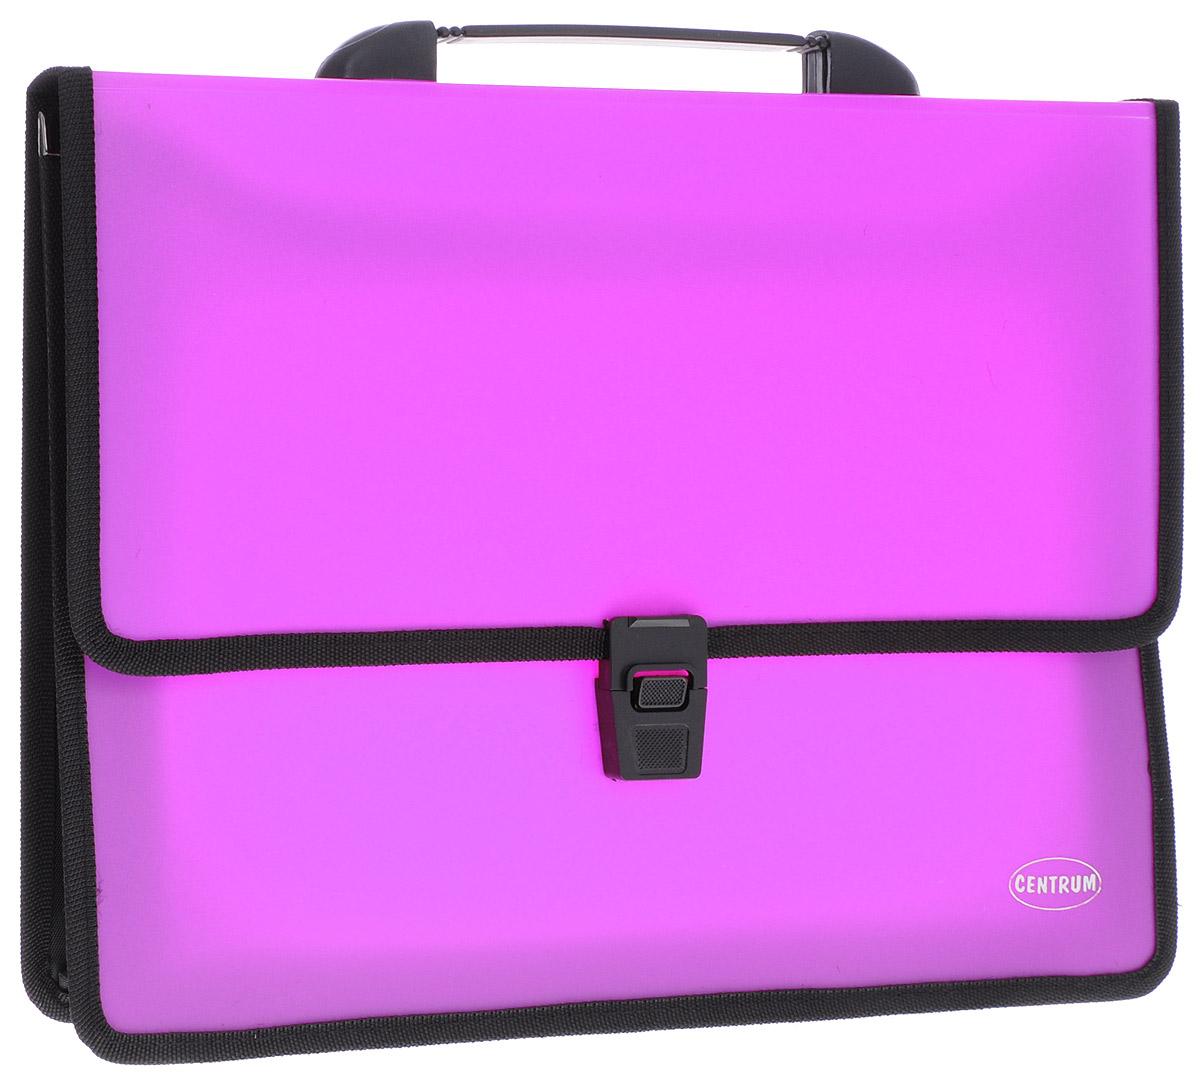 Centrum Папка-портфель 2 отделения с ручкой цвет фуксия цена и фото